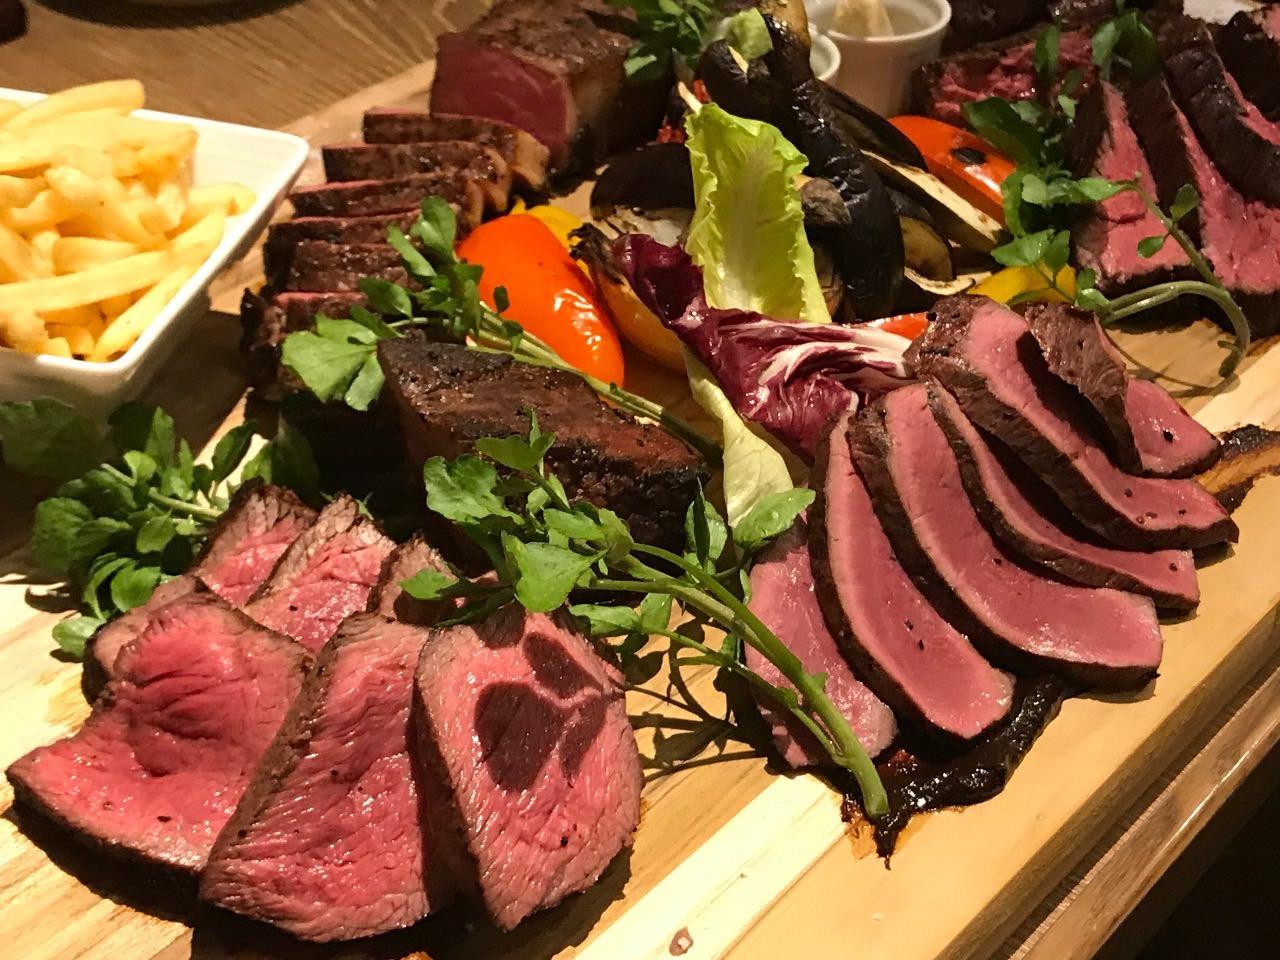 ランプキャップ渋谷店 肉の盛り合わせ